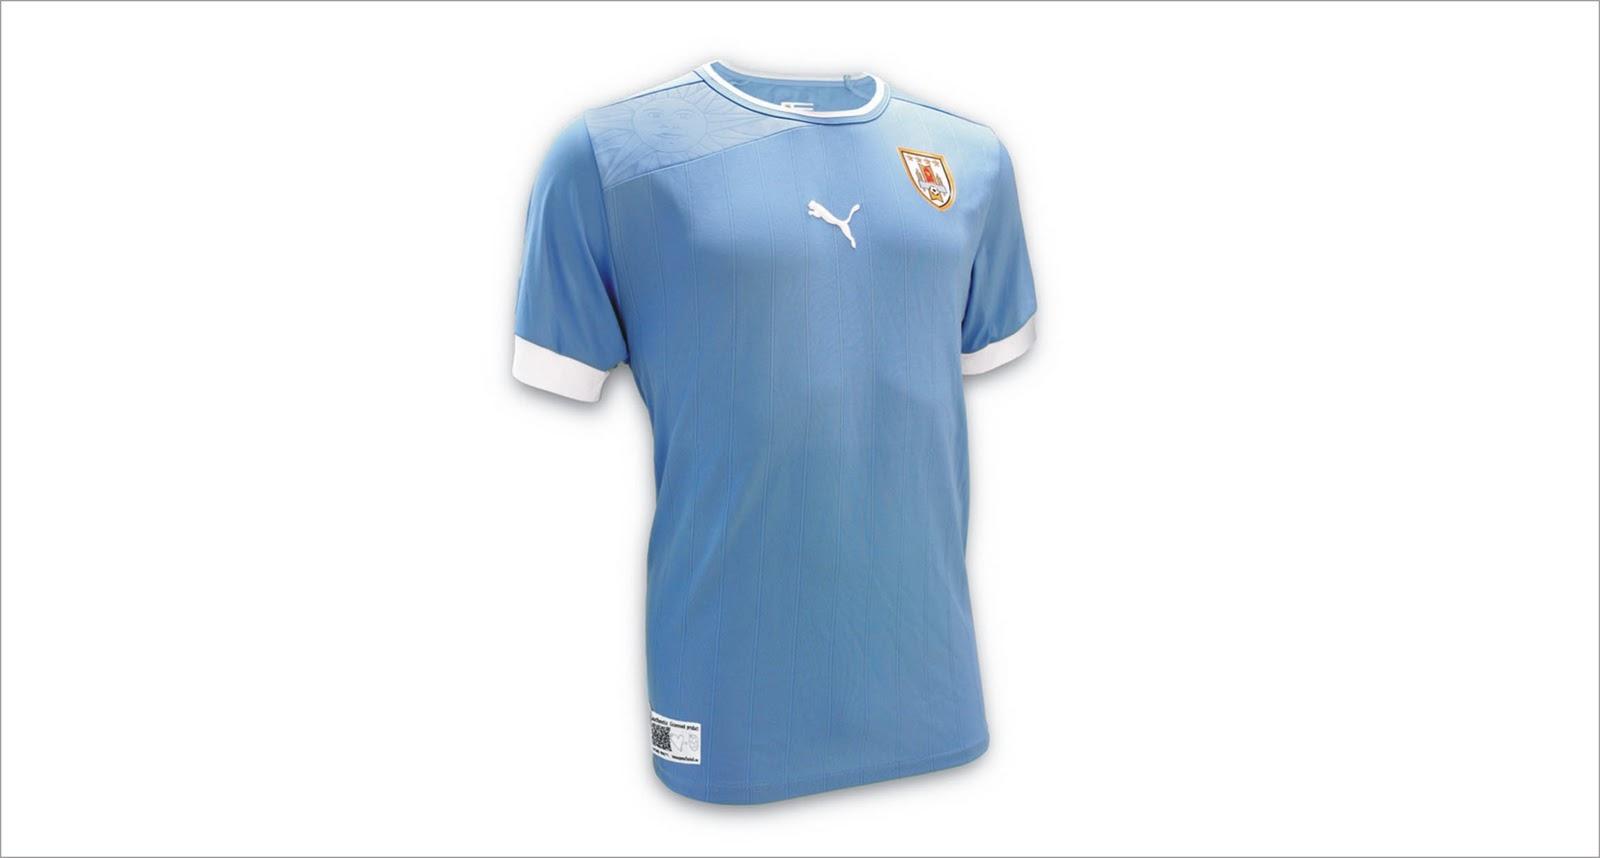 de46094e4 12.11.2011 - PUMA® presentó la nueva camiseta de la Selección Nacional de  Fútbol Uruguaya, con un nuevo diseño especial para el contacto, velocidad y  la ...